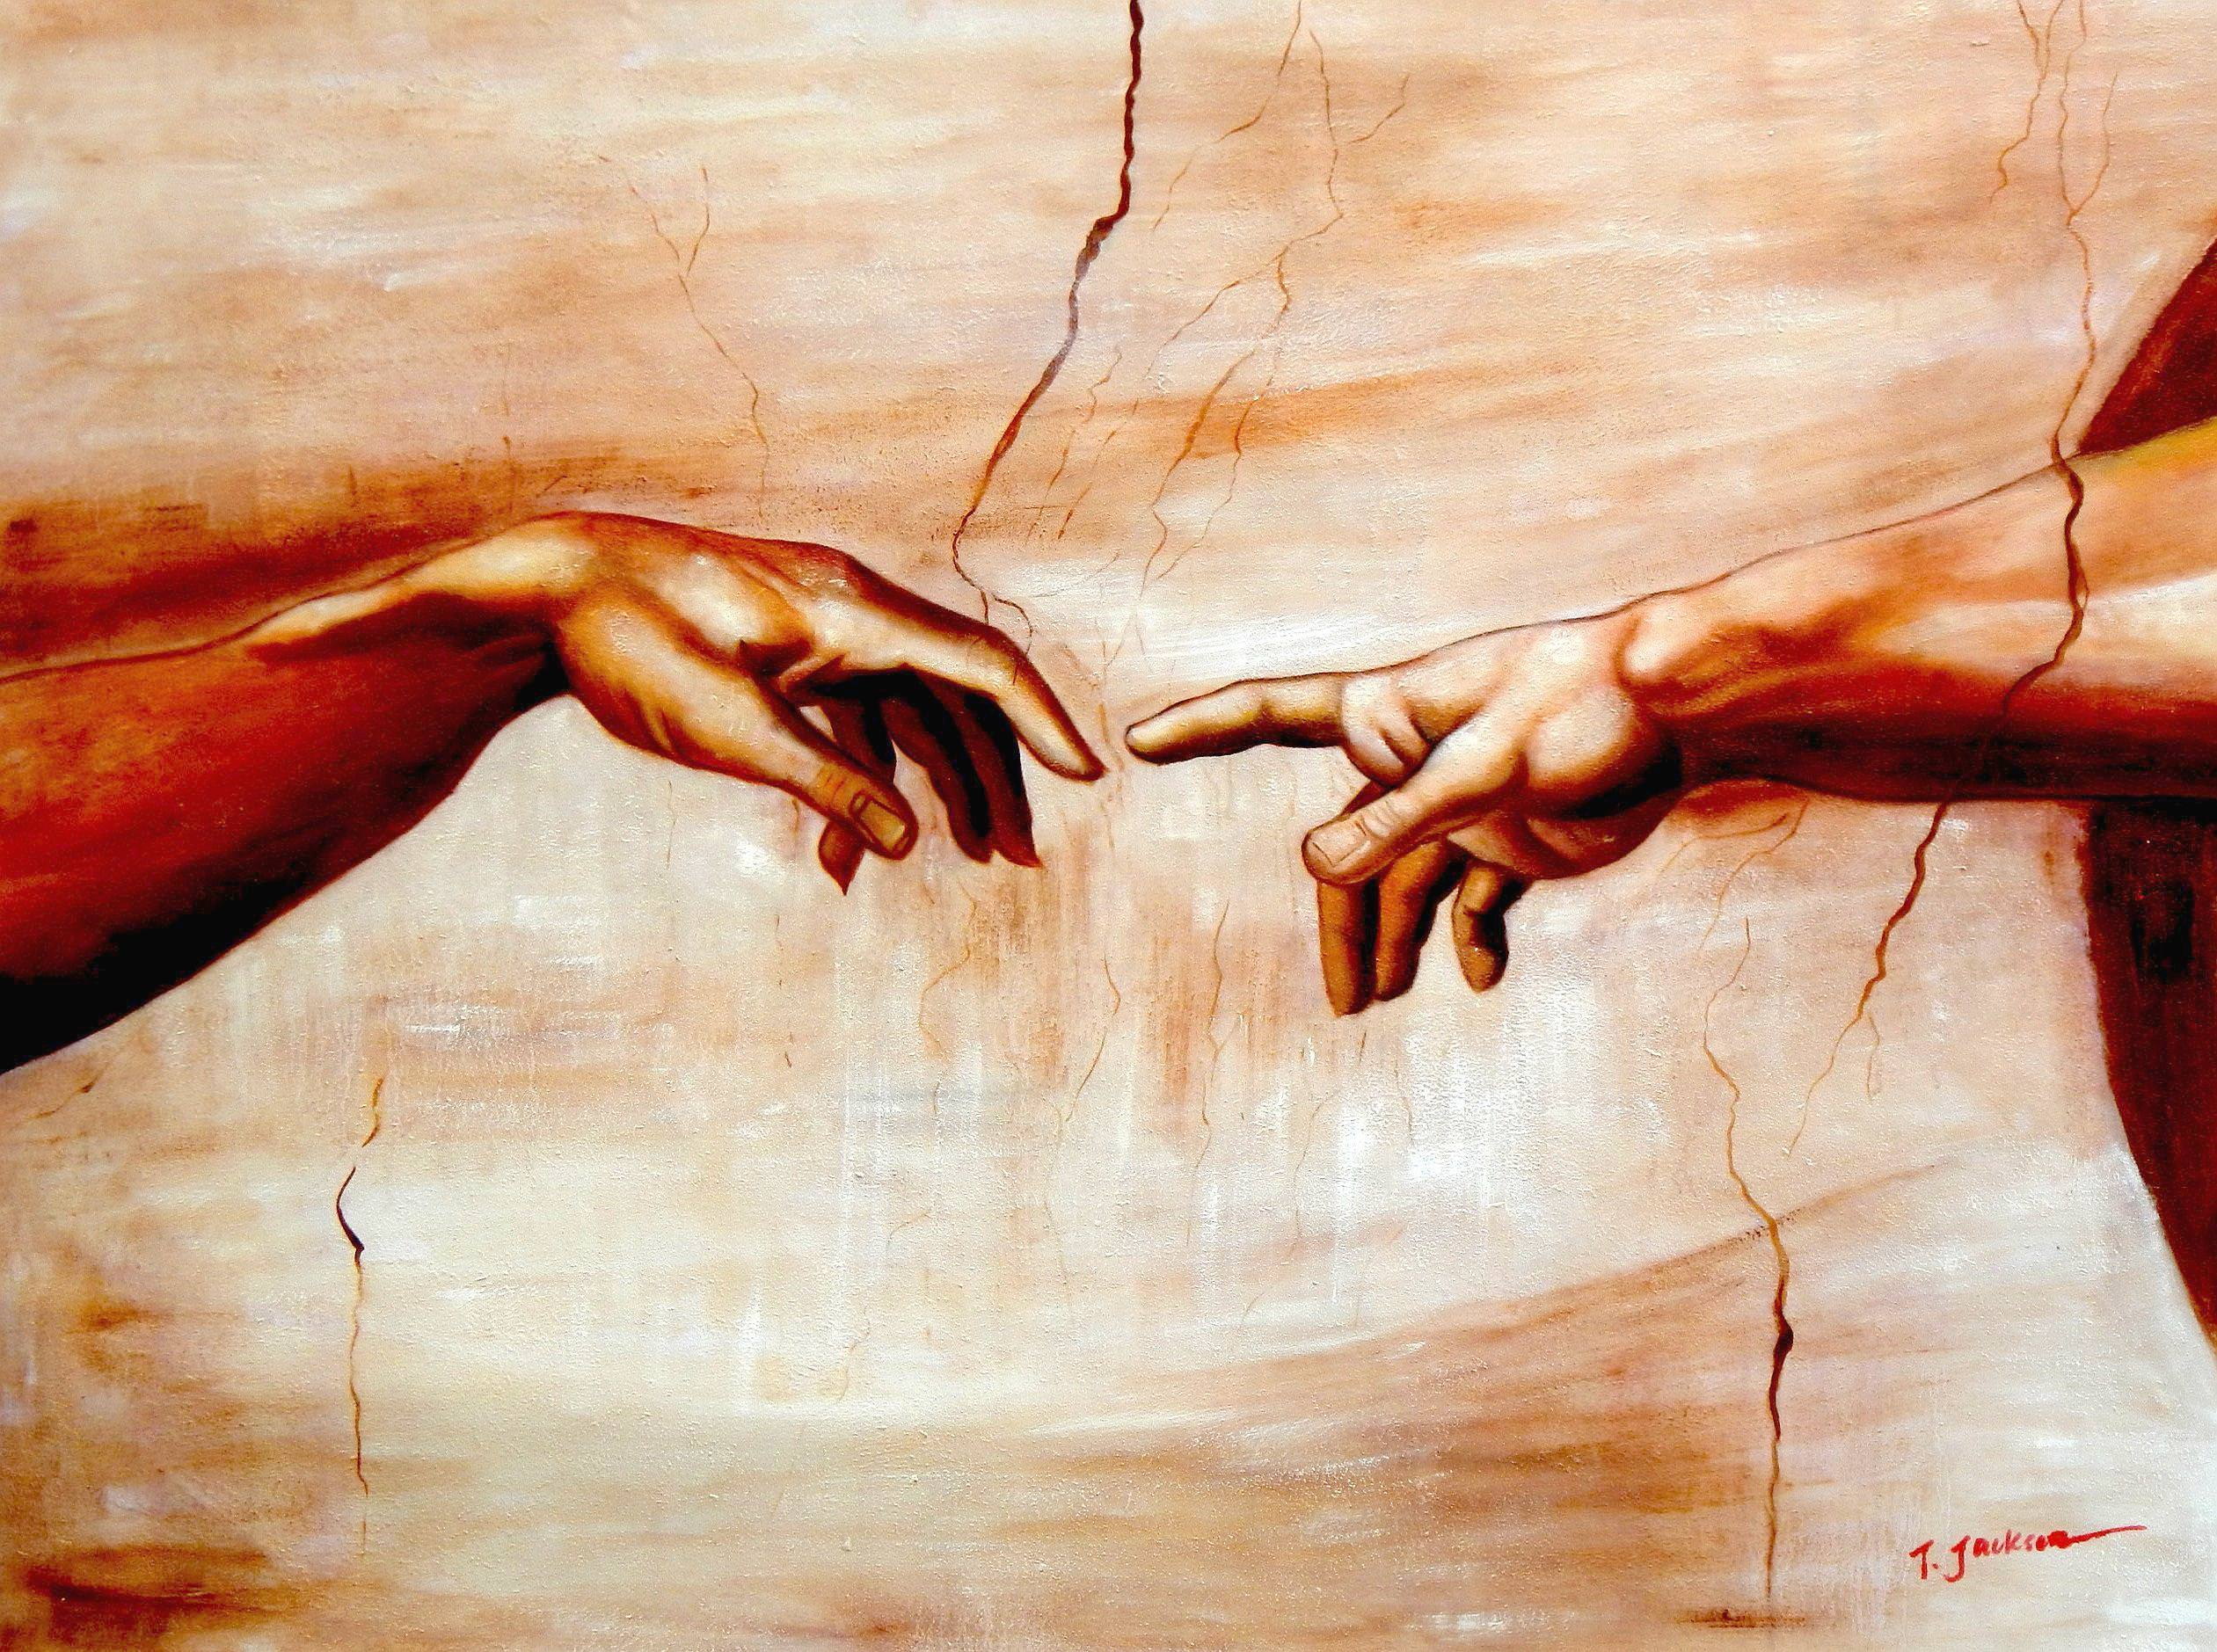 Michelangelo - Die Erschaffung Adams k93143 G 90x120cm imposantes Ölgemälde